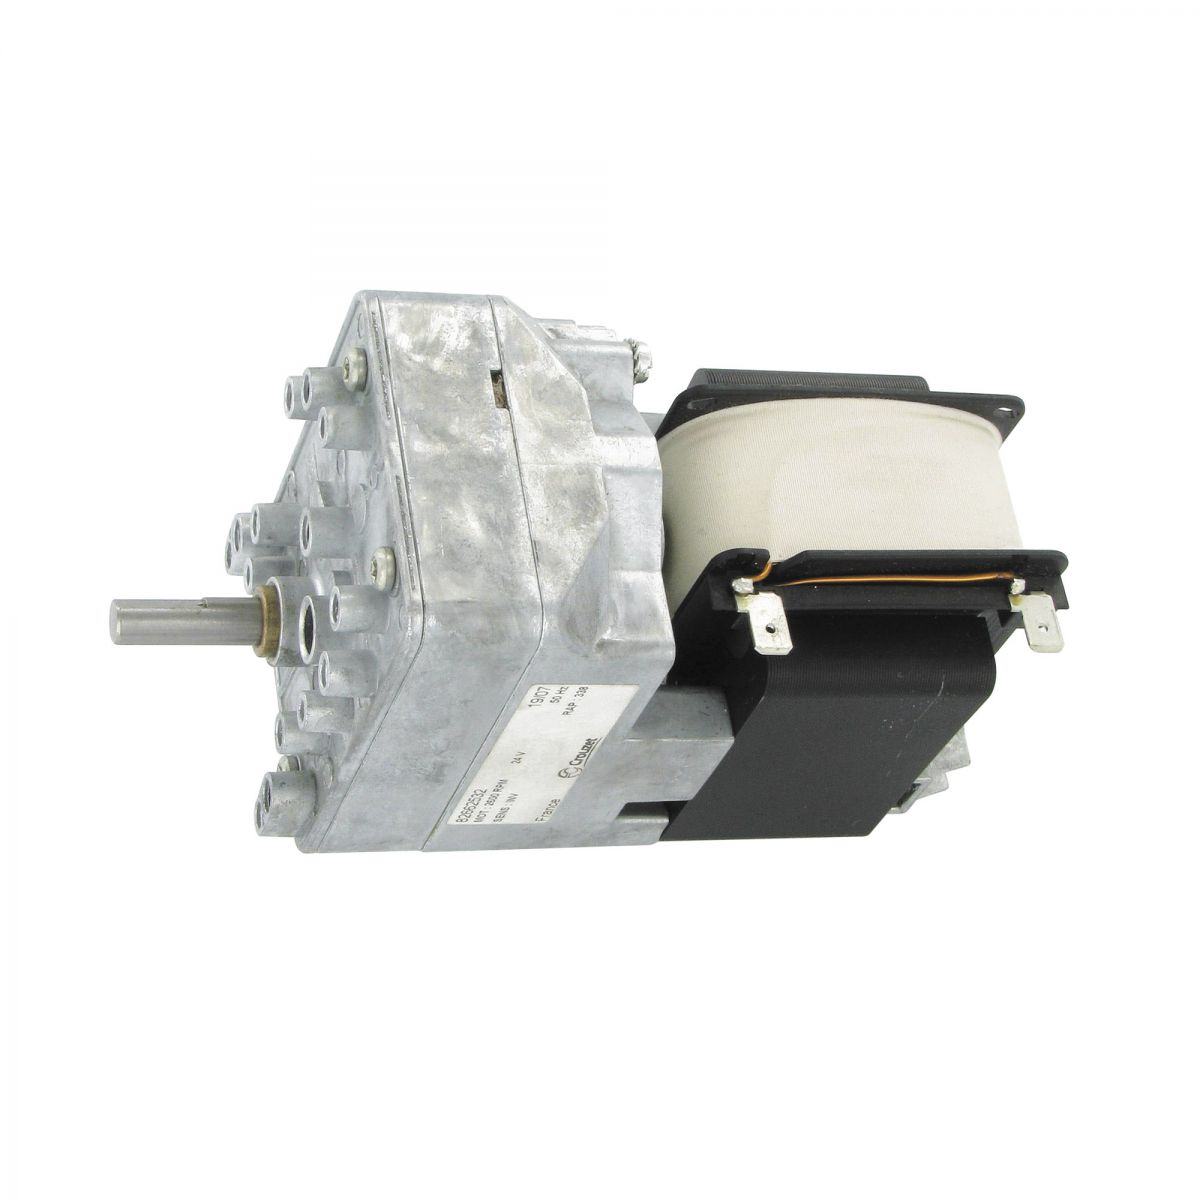 moteur 24v ac 50hz nom 8rpm gauche crouzet rf 82662532 appropri pour fullwood